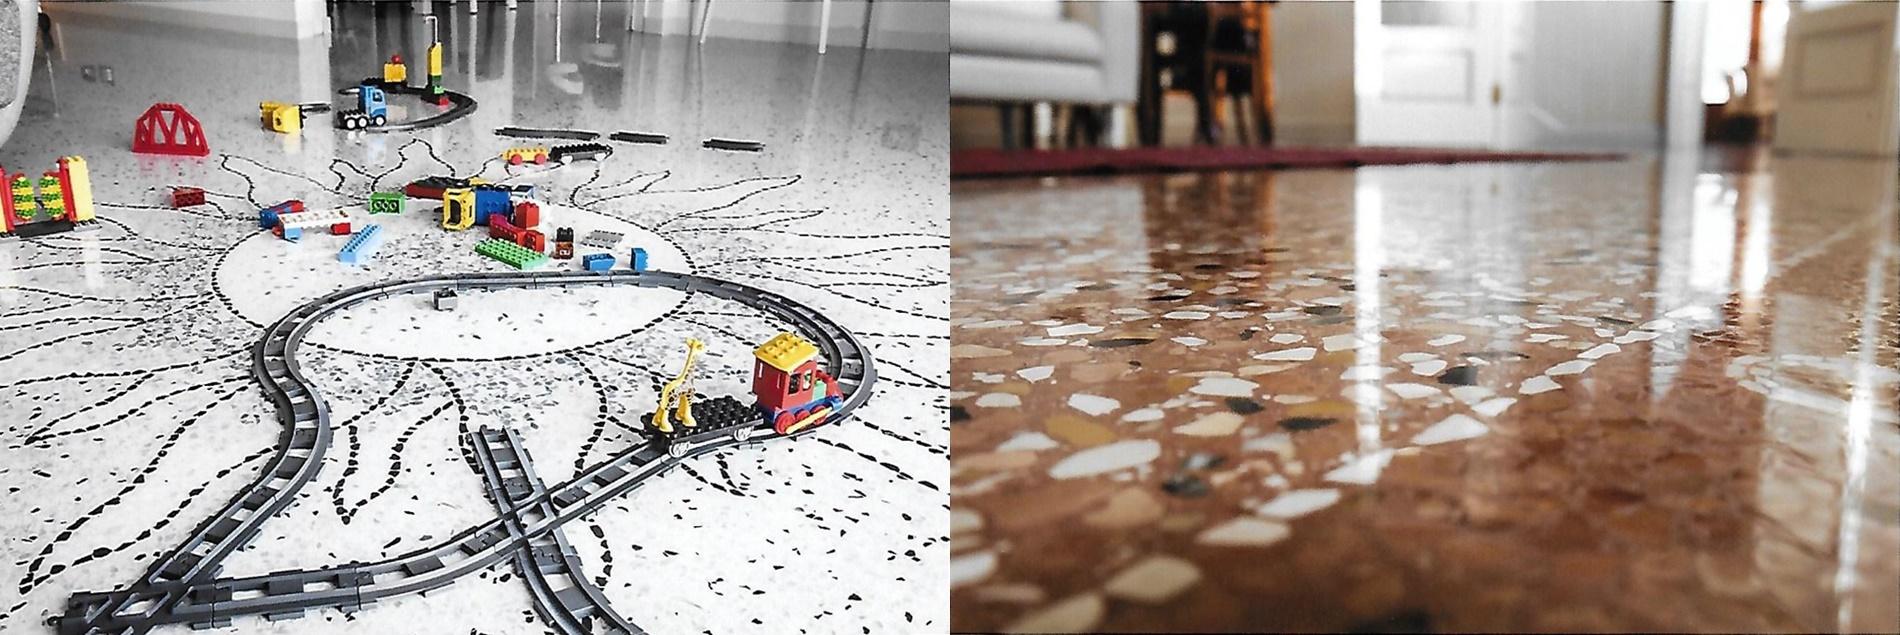 Bmz realizza pavimenti e terrazzi alla veneziana, restauro pavimenti